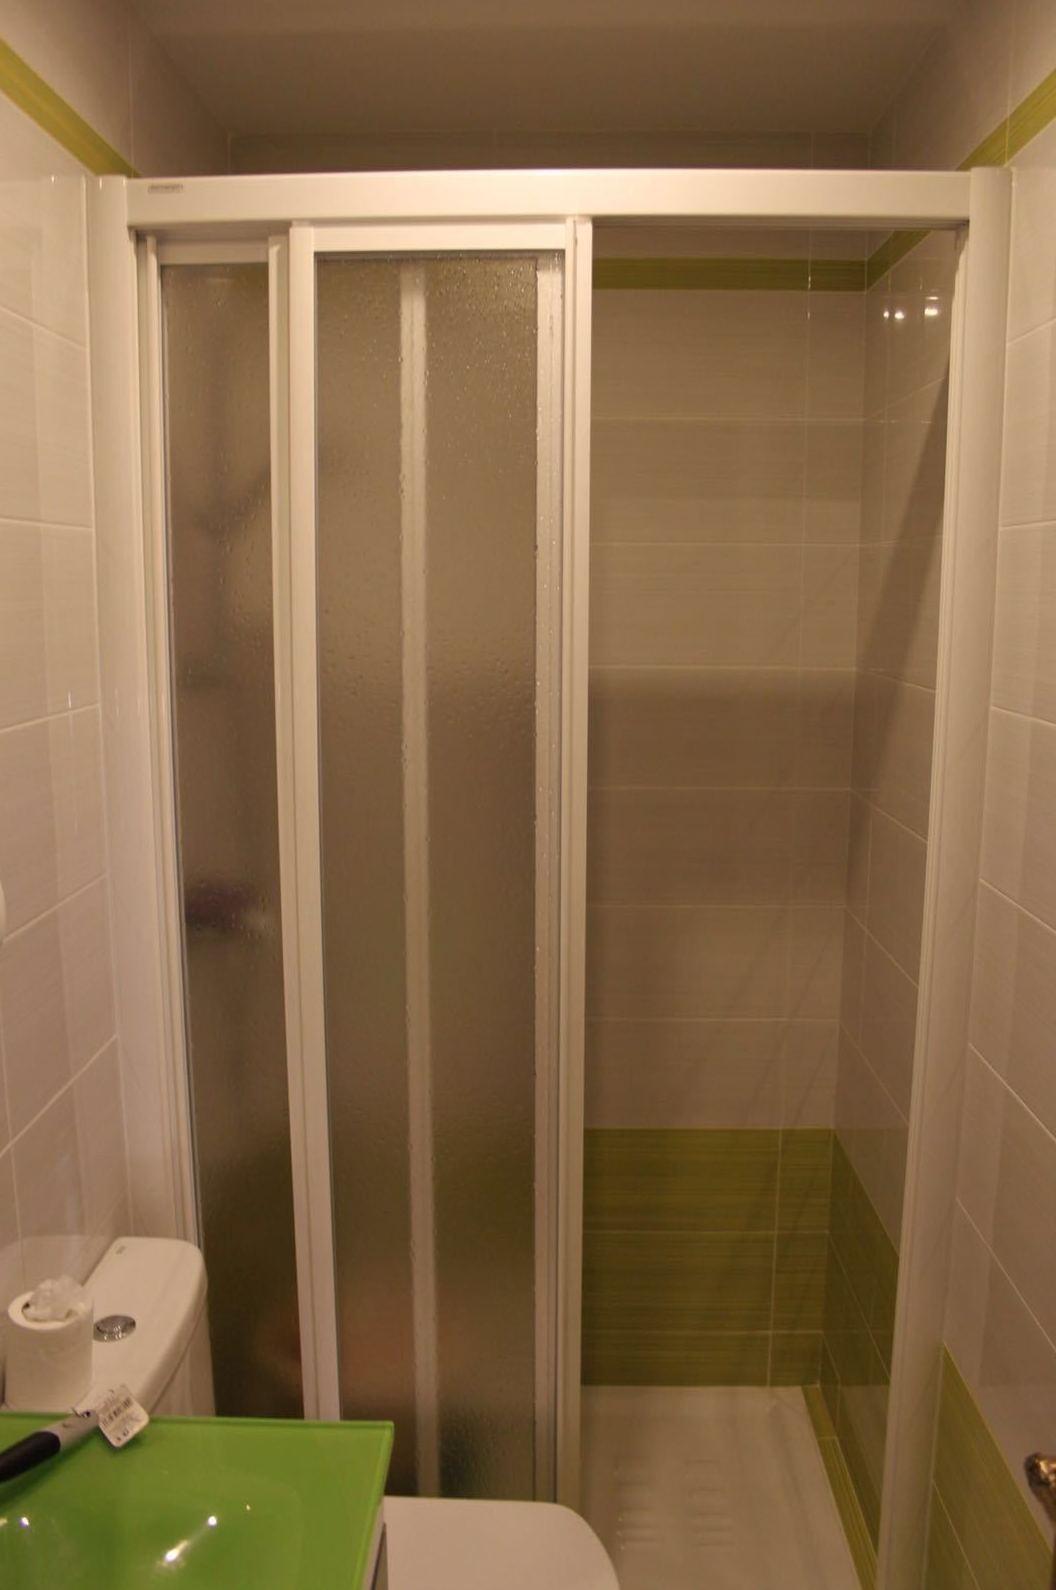 Instalación de plato de ducha por bañera